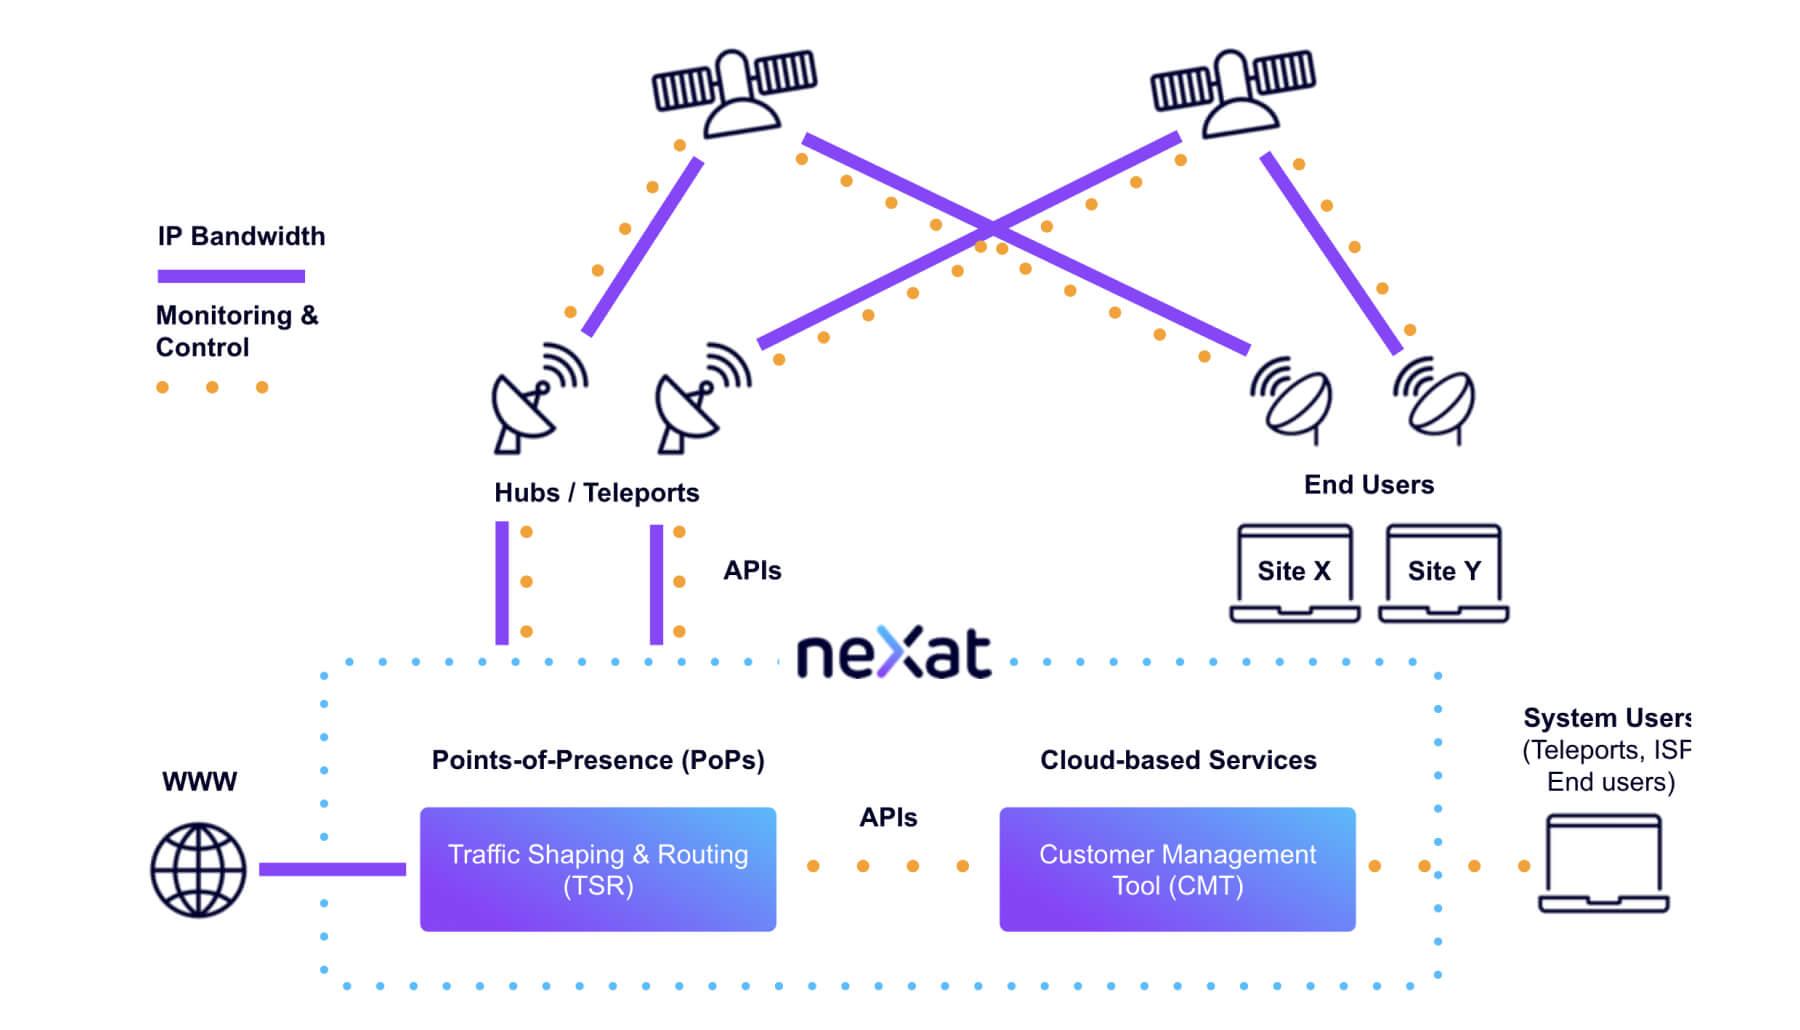 neXat - Our Innovative Cloud Based Platform